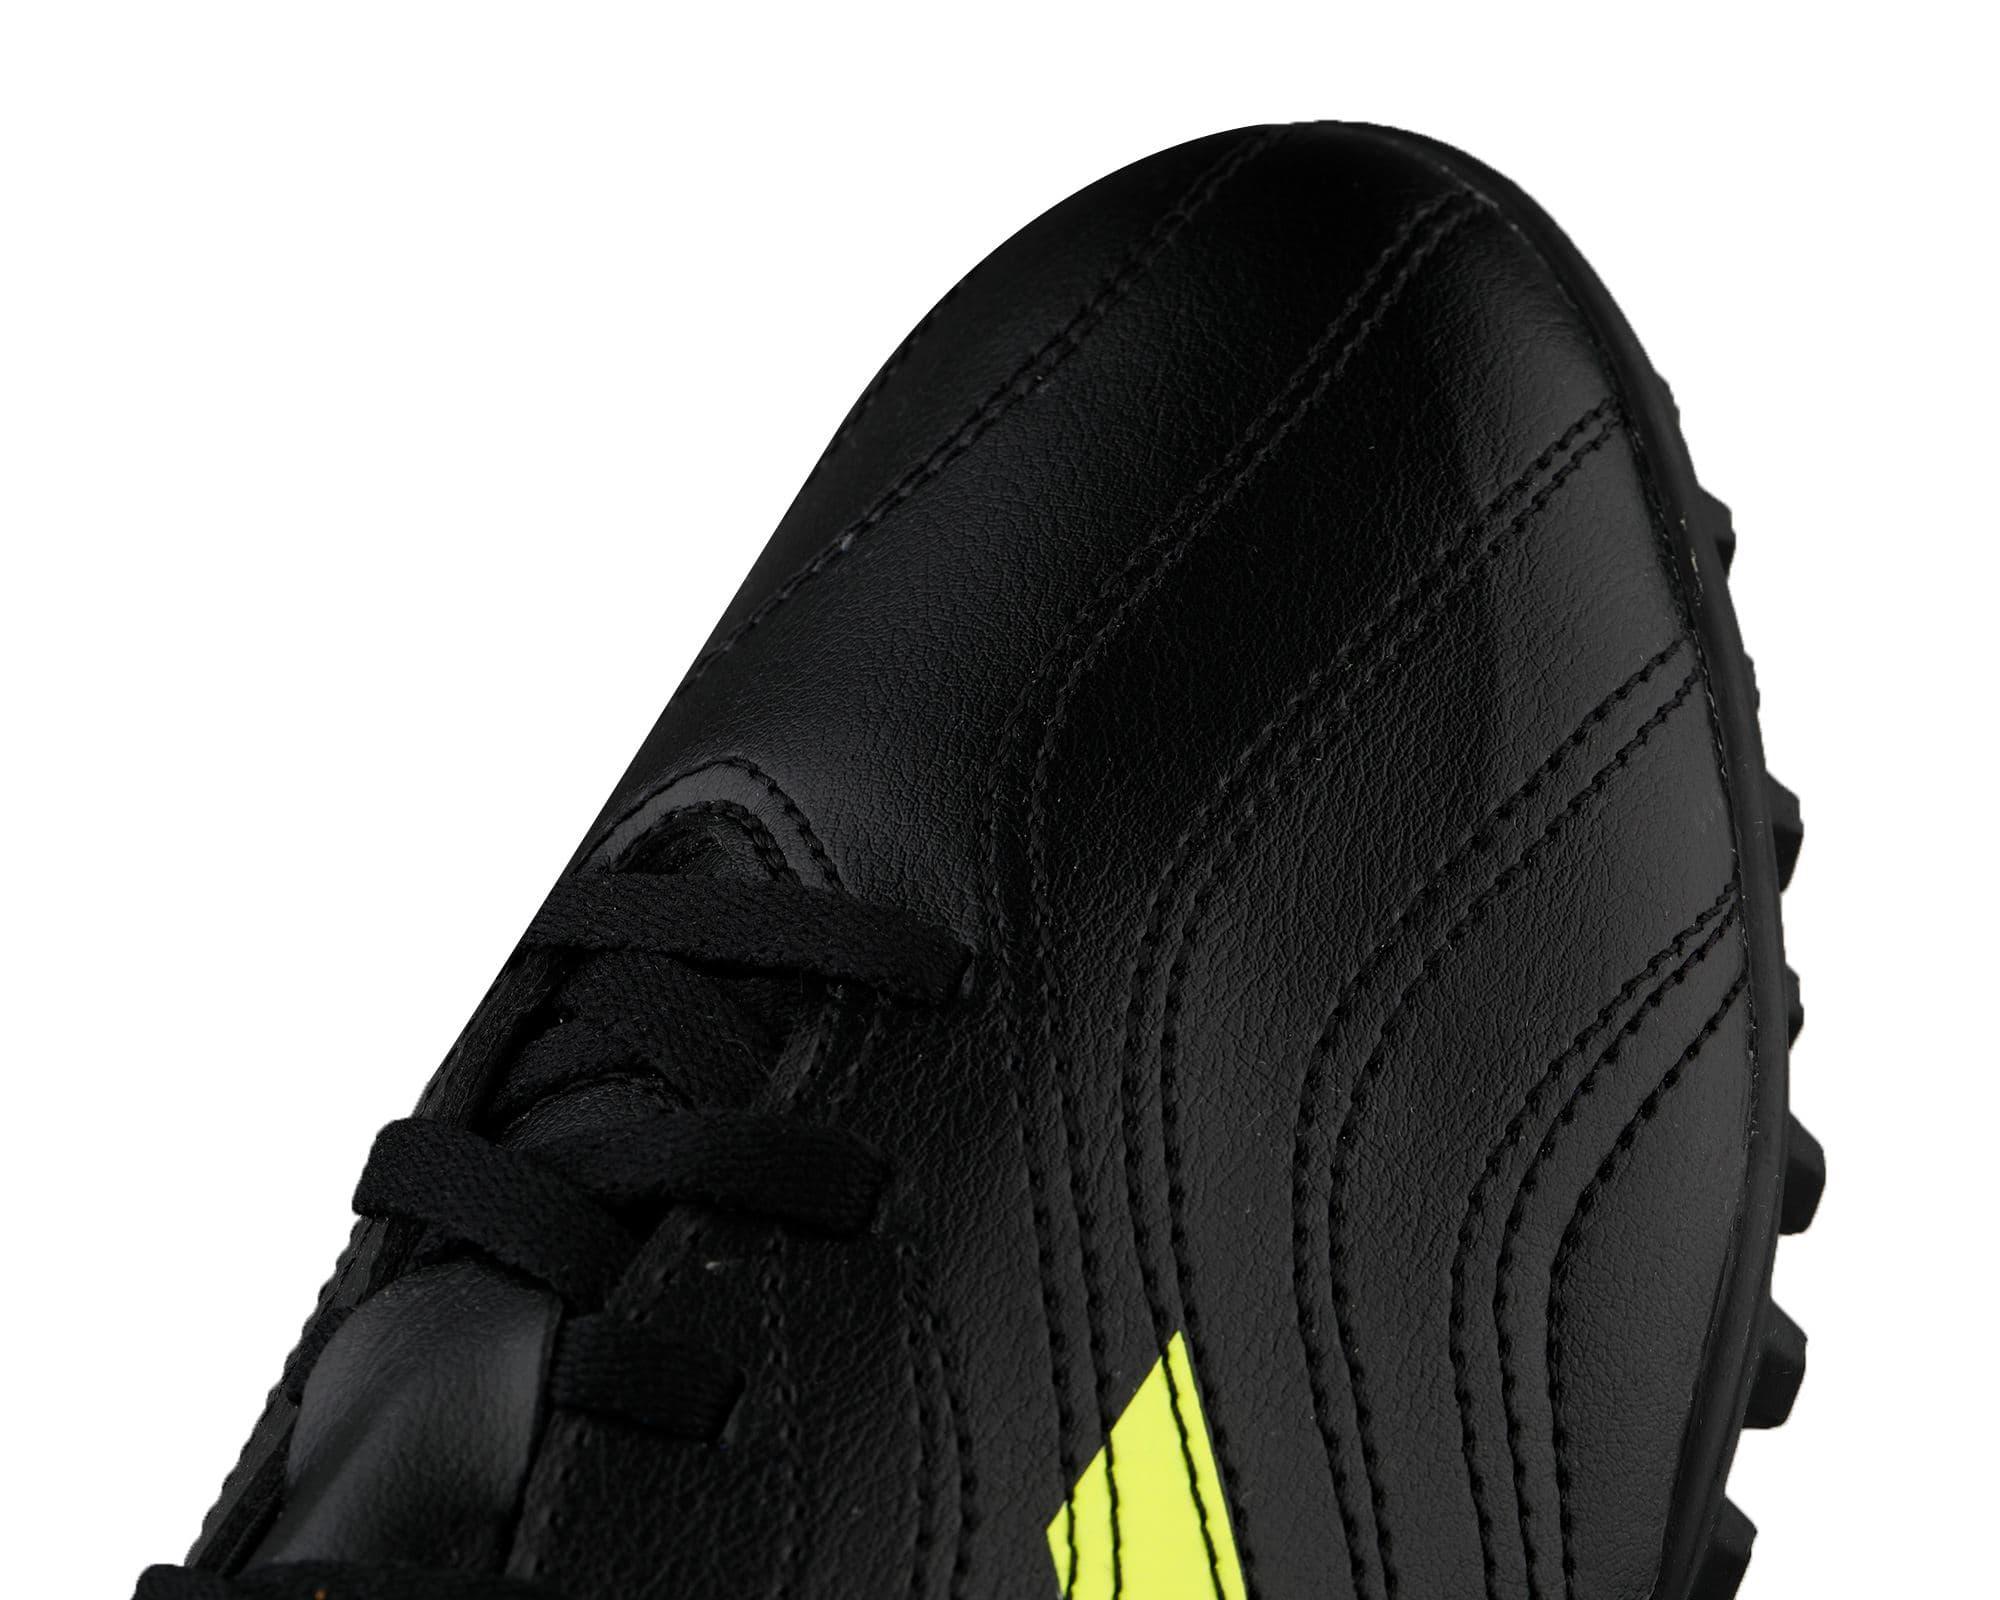 Copa Sense.4 Siyah Halı Saha Ayakkabısı (FX1971)